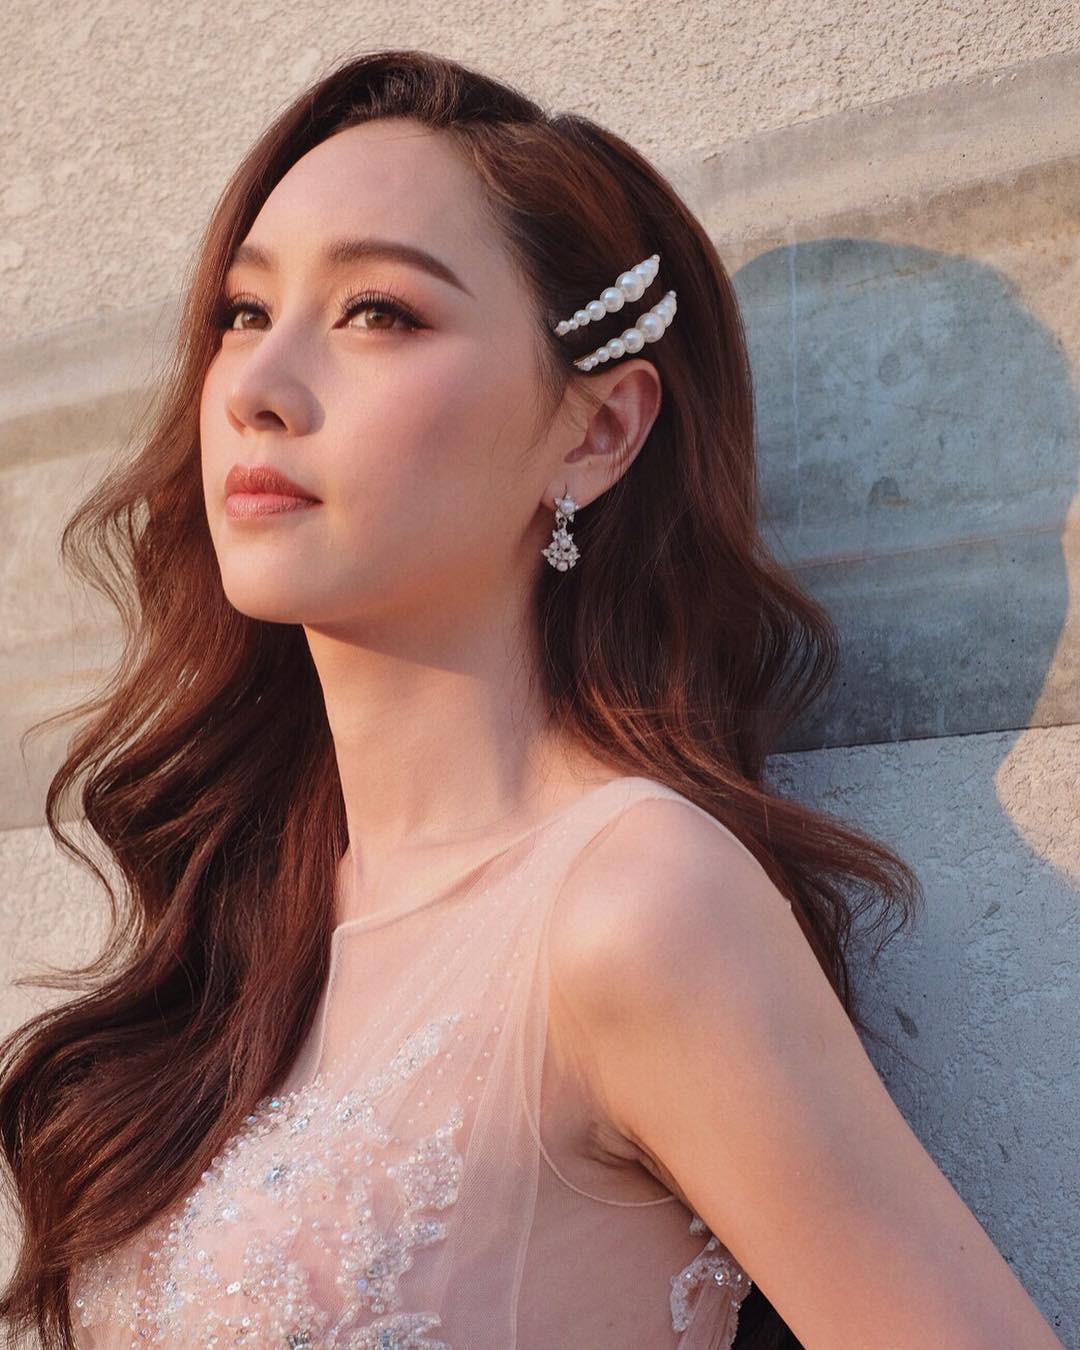 Soi mặt mộc của dàn mỹ nhân chuyển giới hot nhất Thái Lan: Nong Poy quá đỉnh, Yoshi đẹp tựa thiên thần đời thực - Ảnh 21